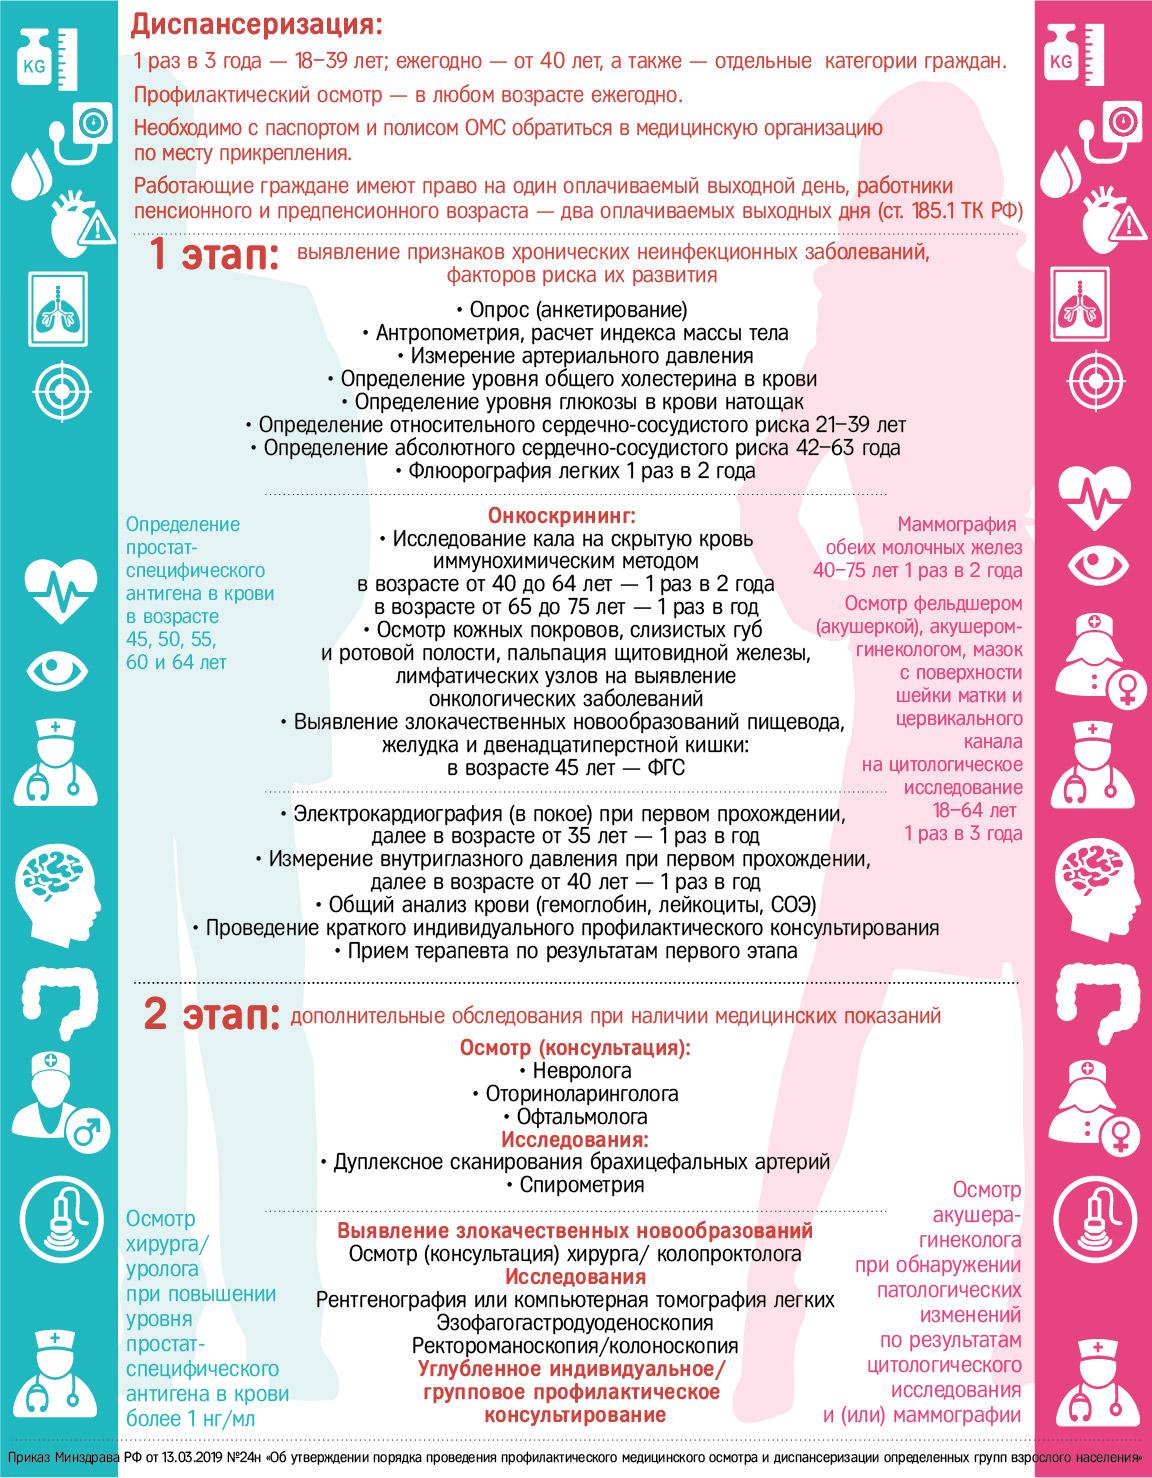 Пневмония— причины, симптомы и лечение пневмонии